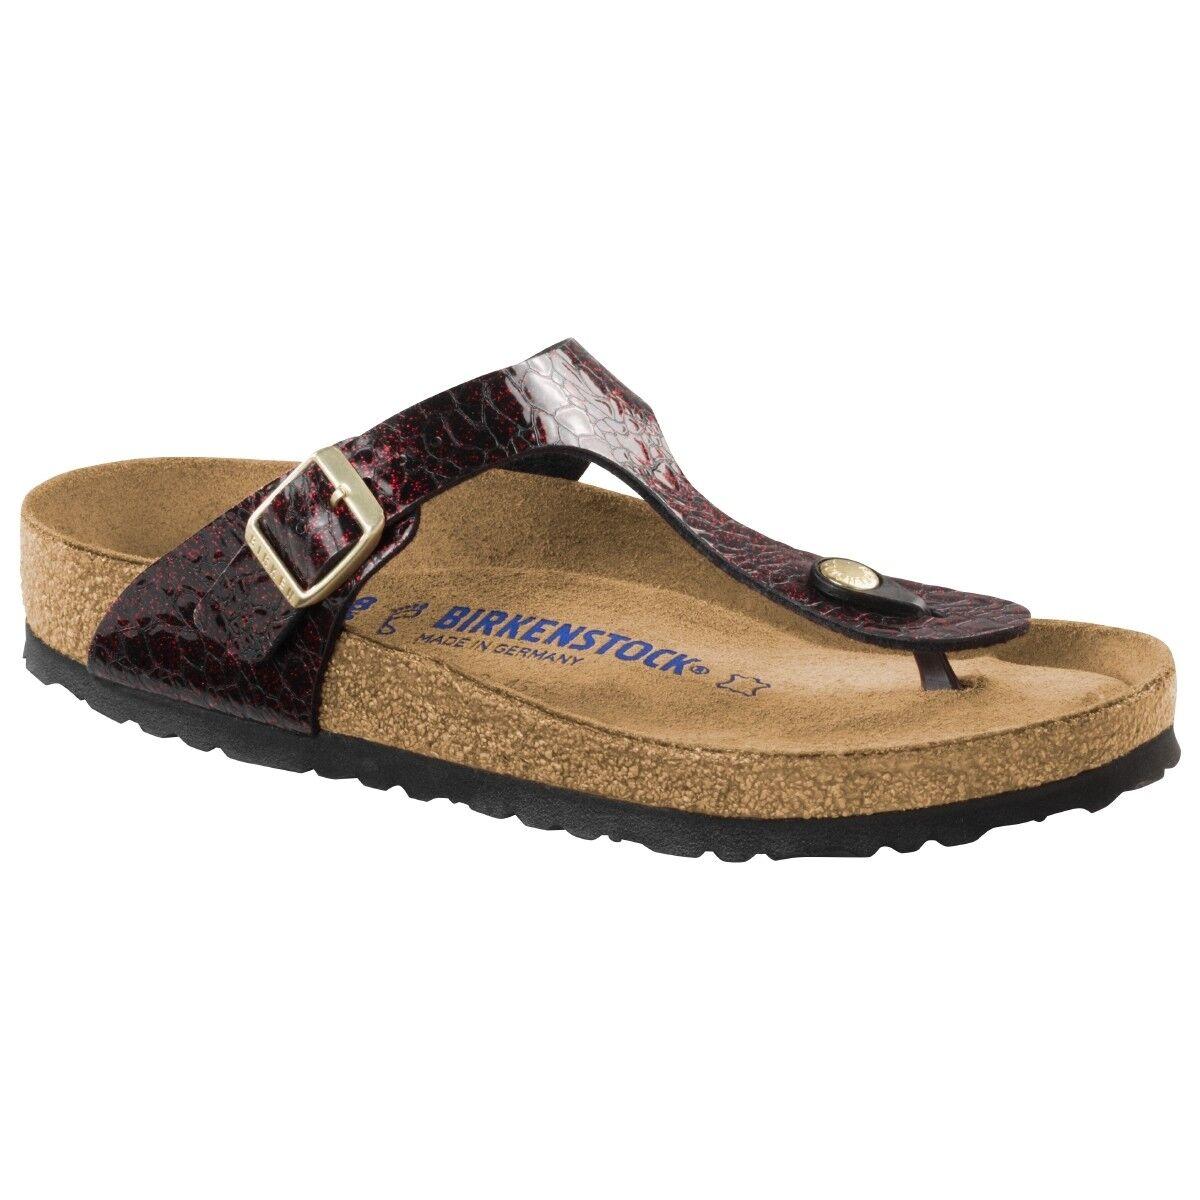 f71d60778a21 Birkenstock Gizeh Birko Weite Flor Weichbettung Schuhe Sandale Weite Birko  normal 1006622 11dd0c